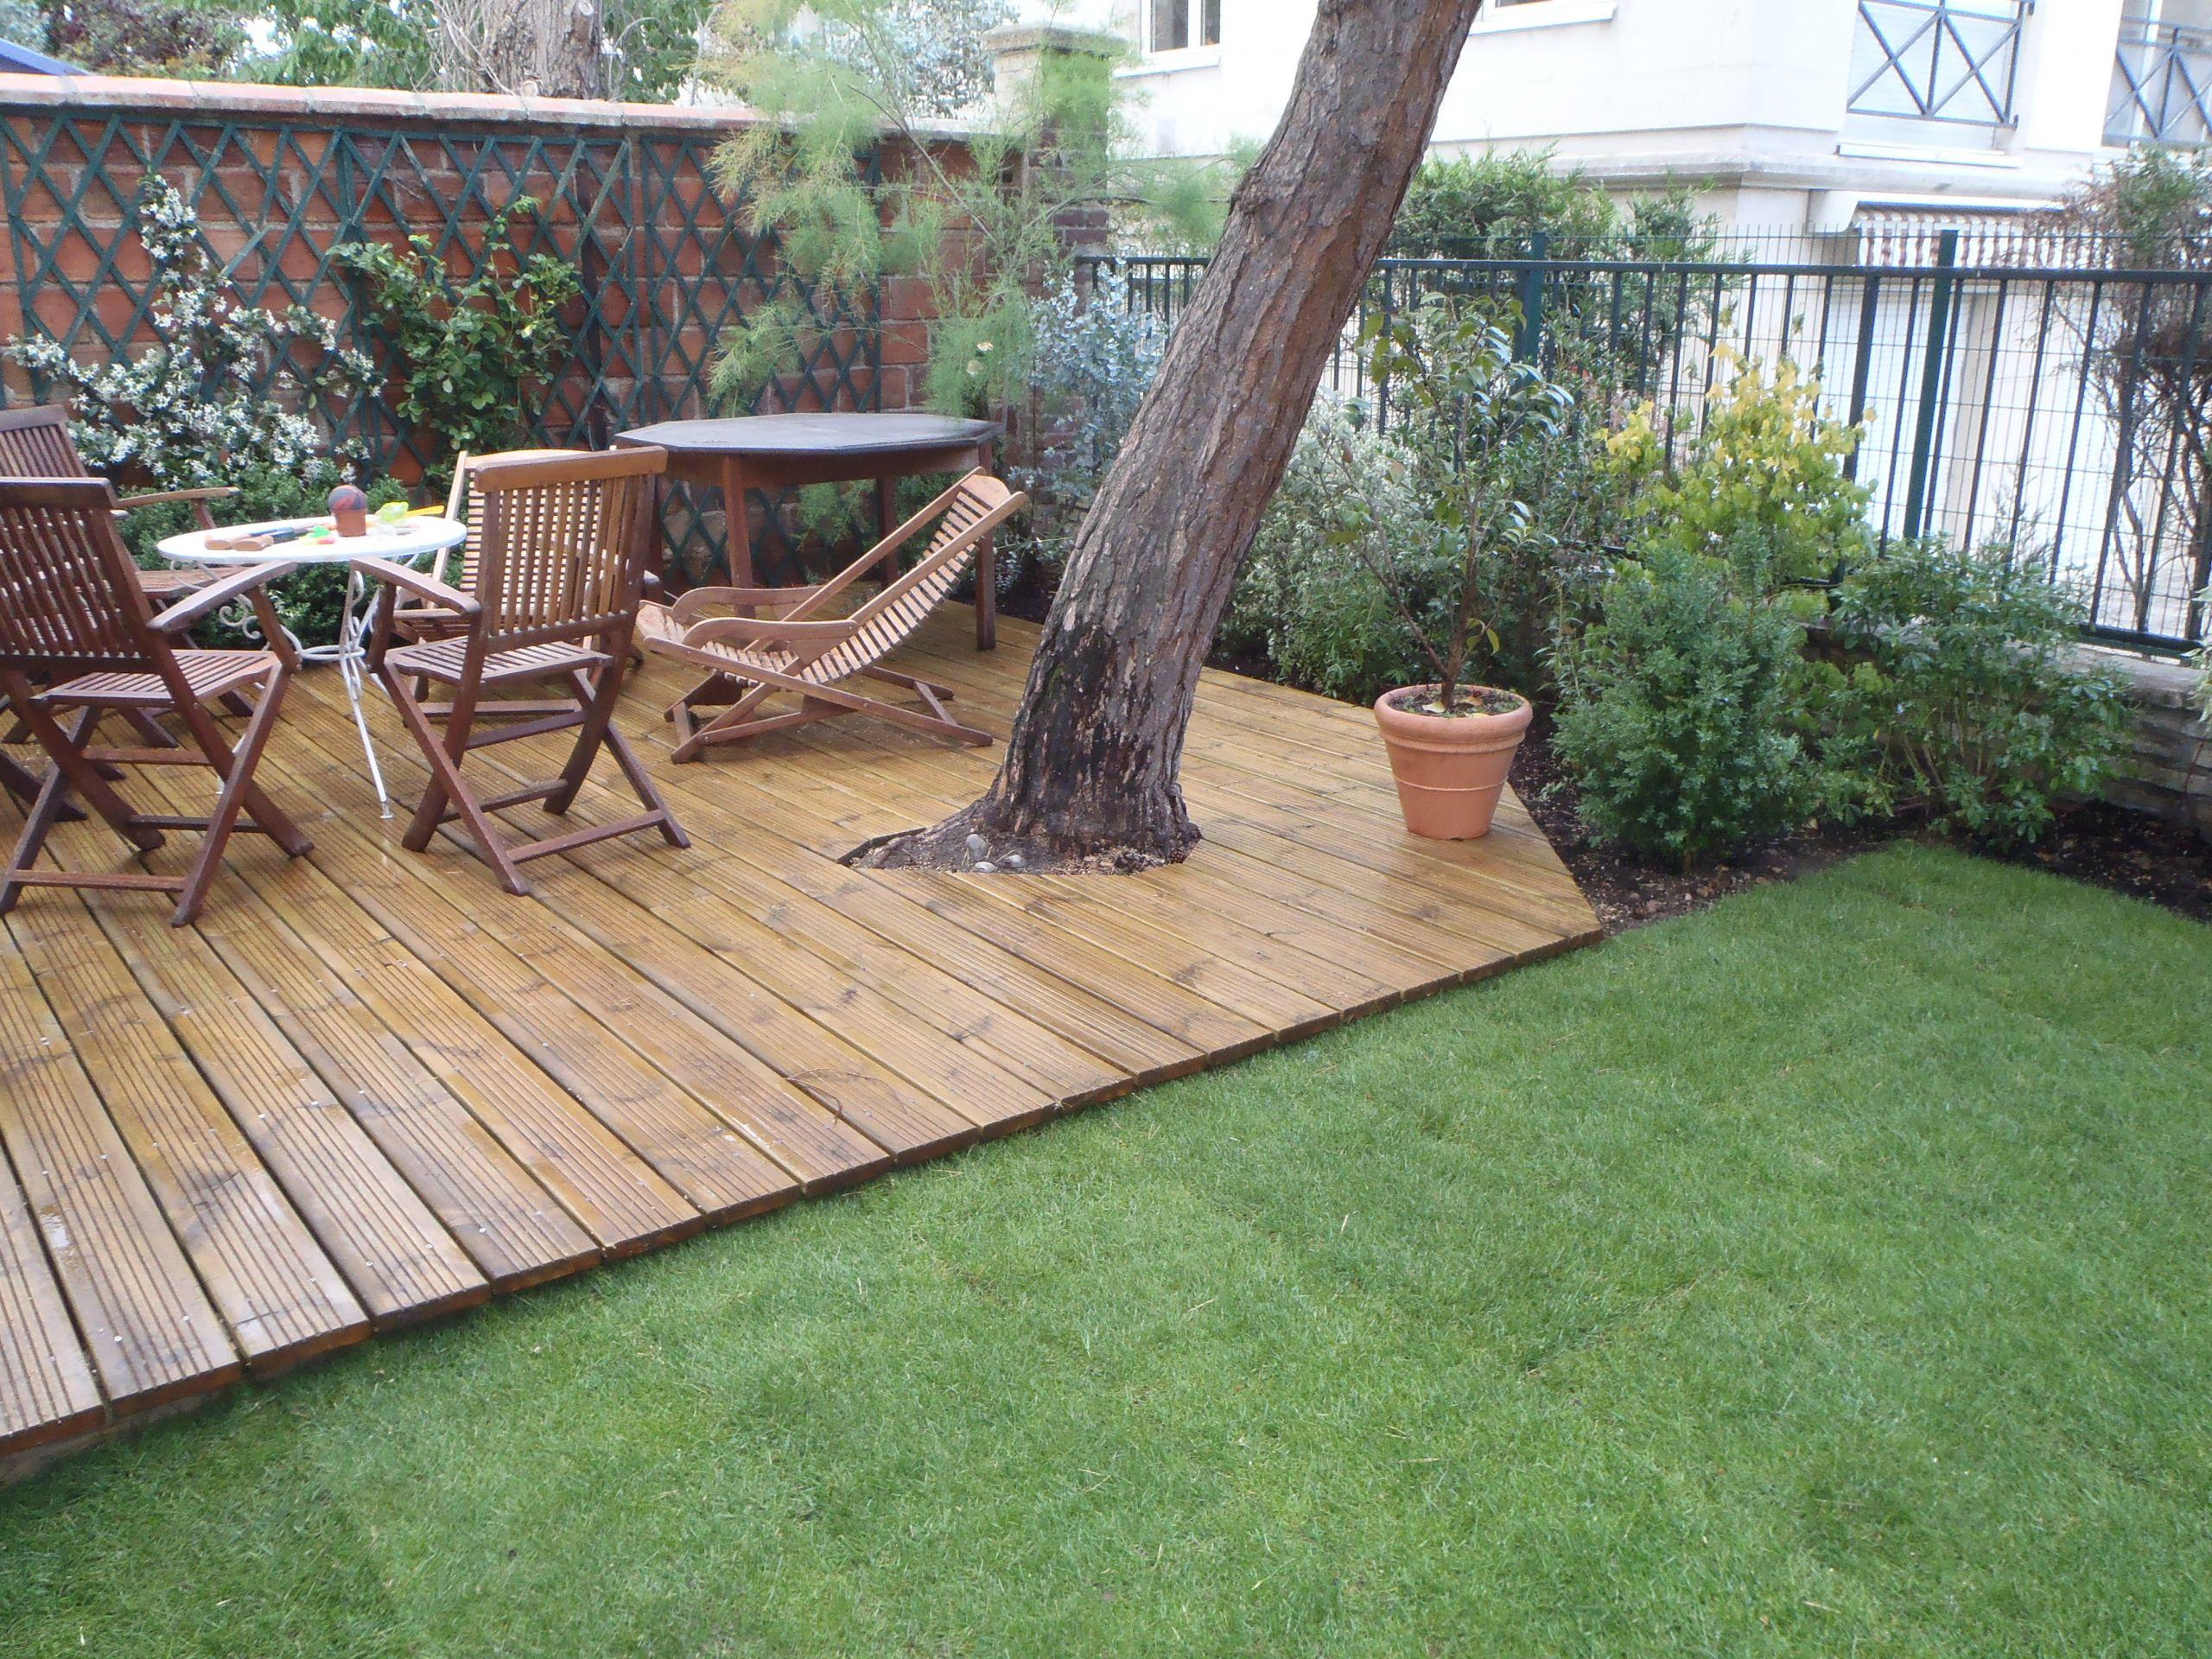 Terrasse En Bois Et Jardin amenagement terrasse bois jardin most view pict terrasse en